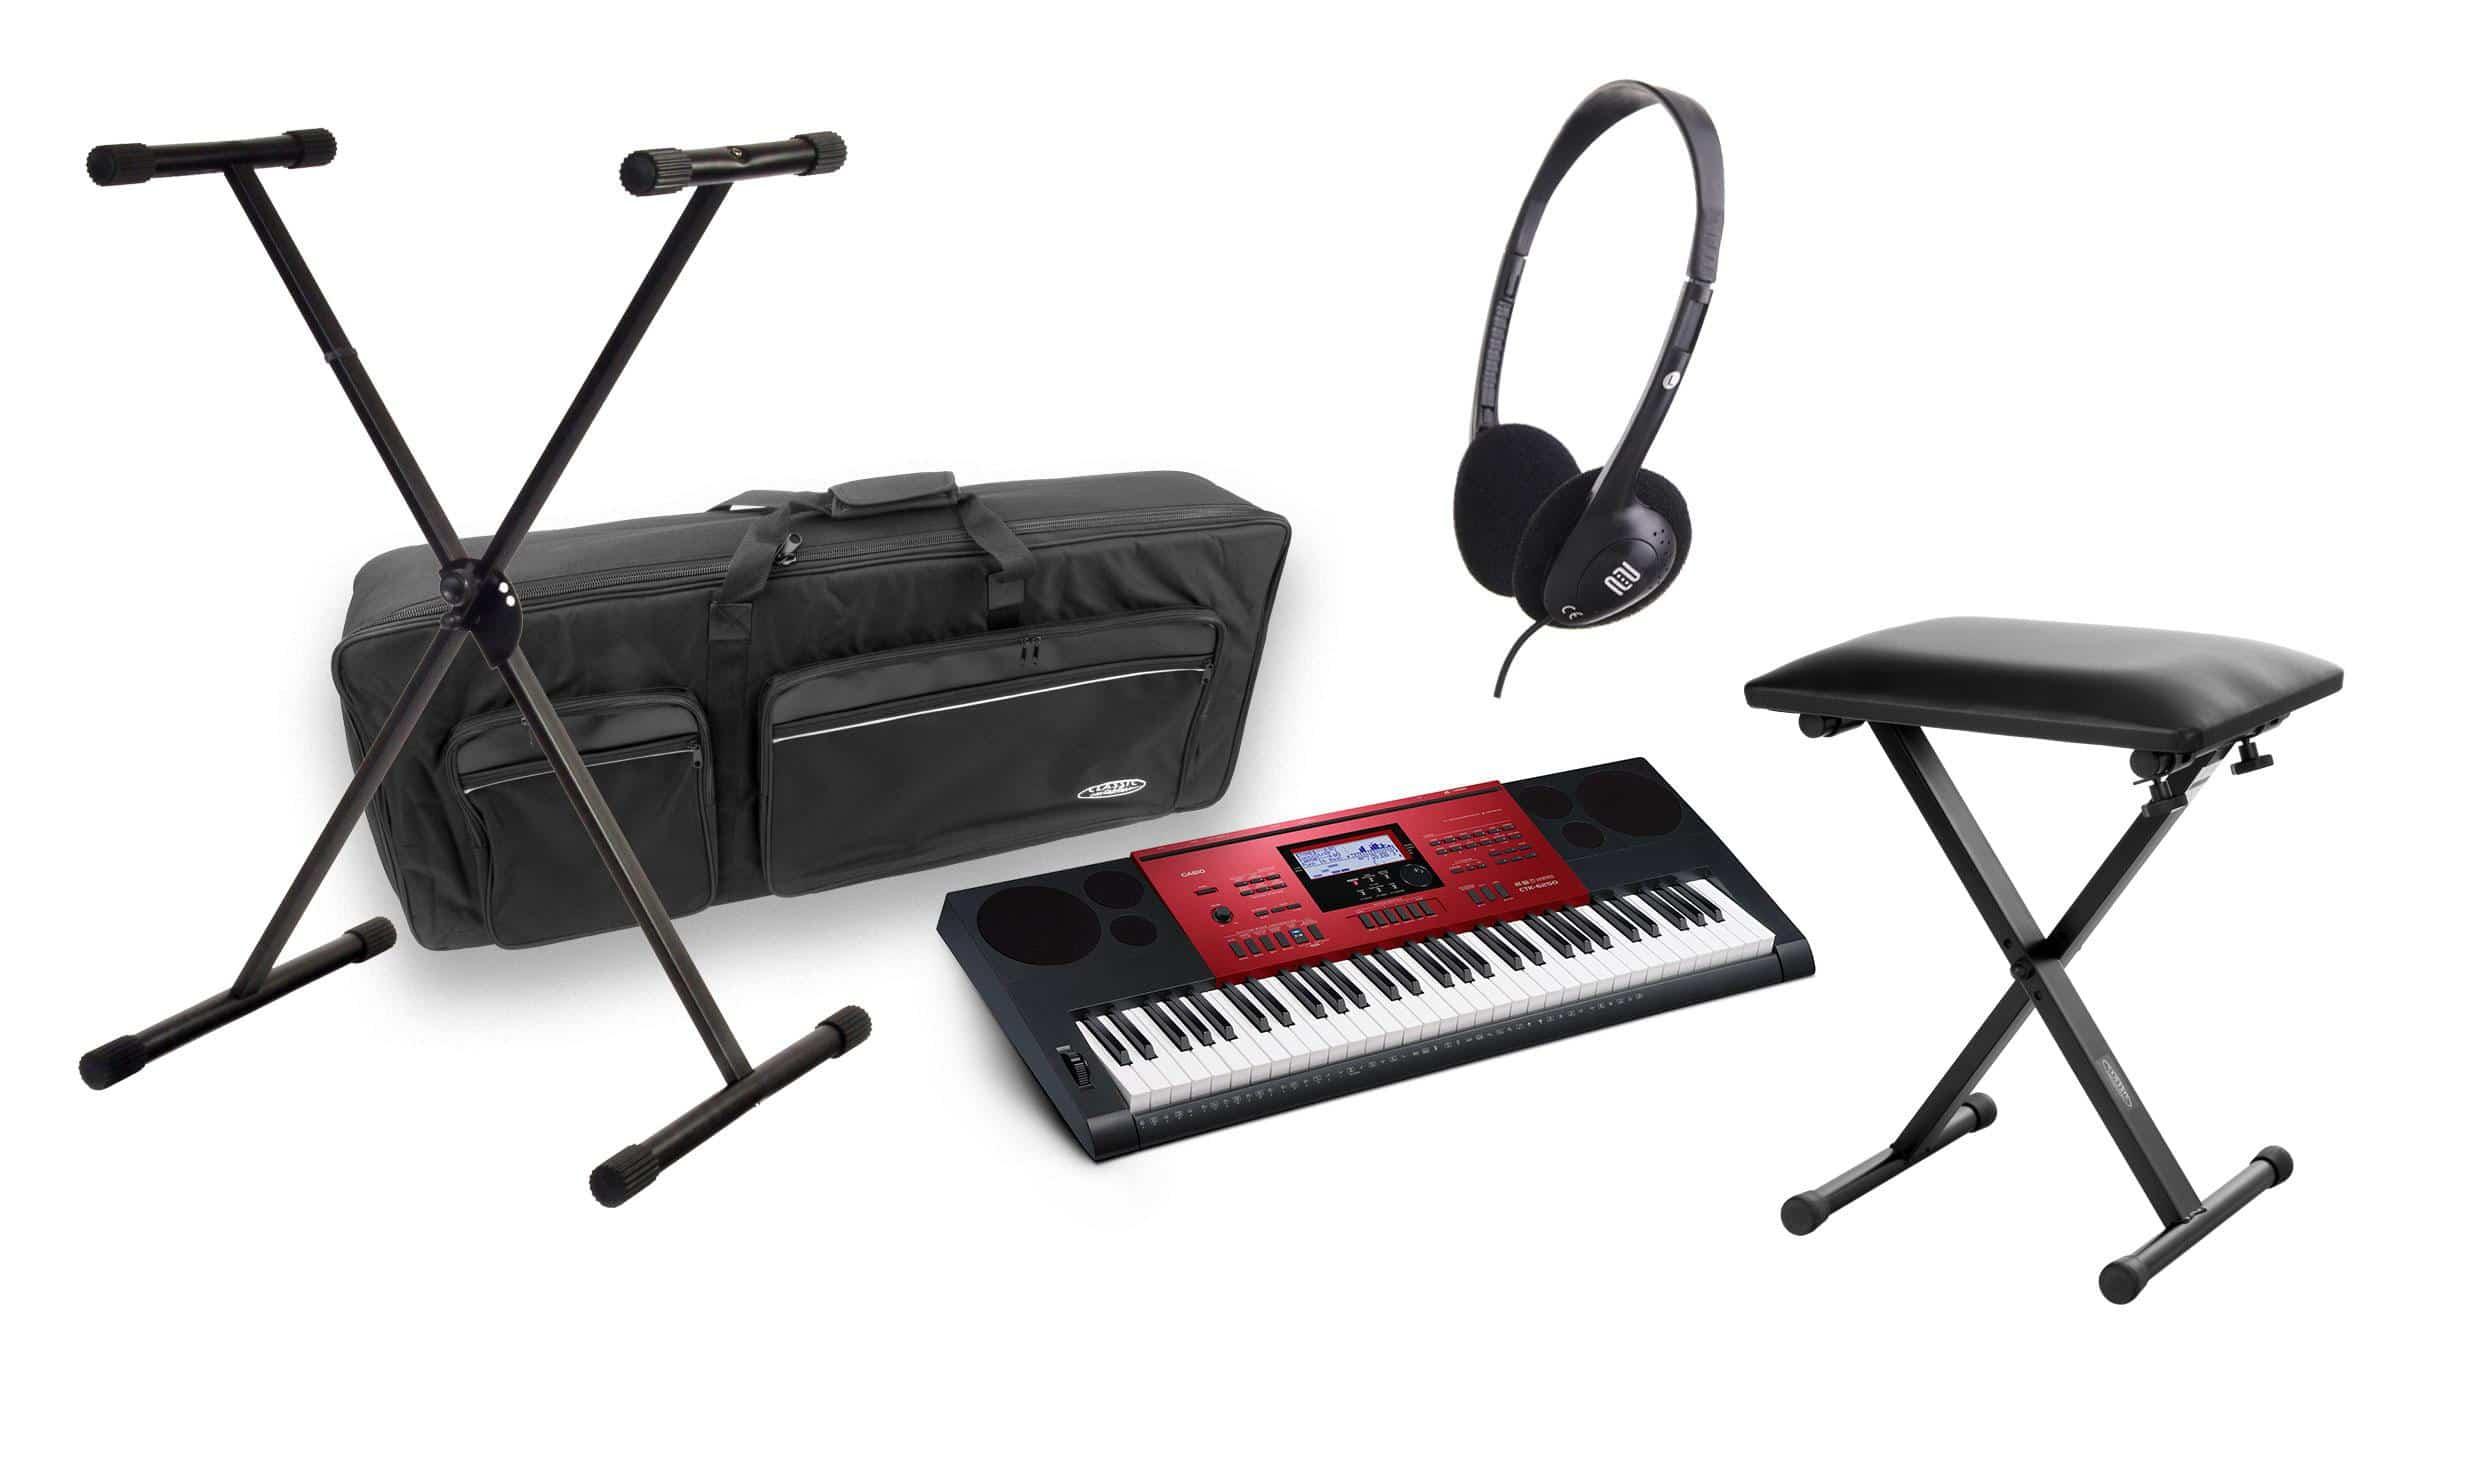 casio ctk 6250 high grade keyboard schwarz rot deluxe set mit bank